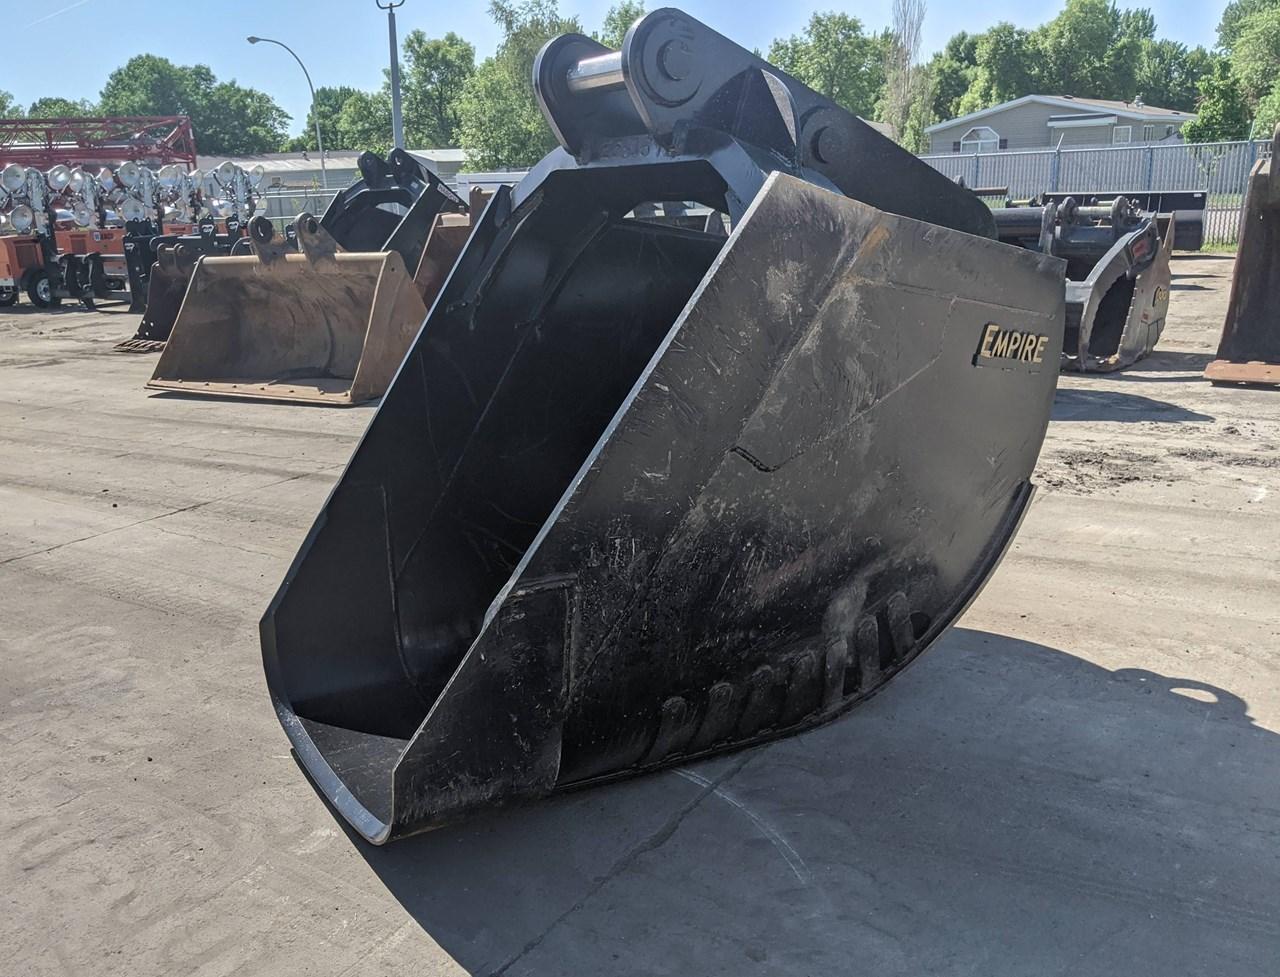 2020 EMPIRE PC360S Excavator Bucket For Sale